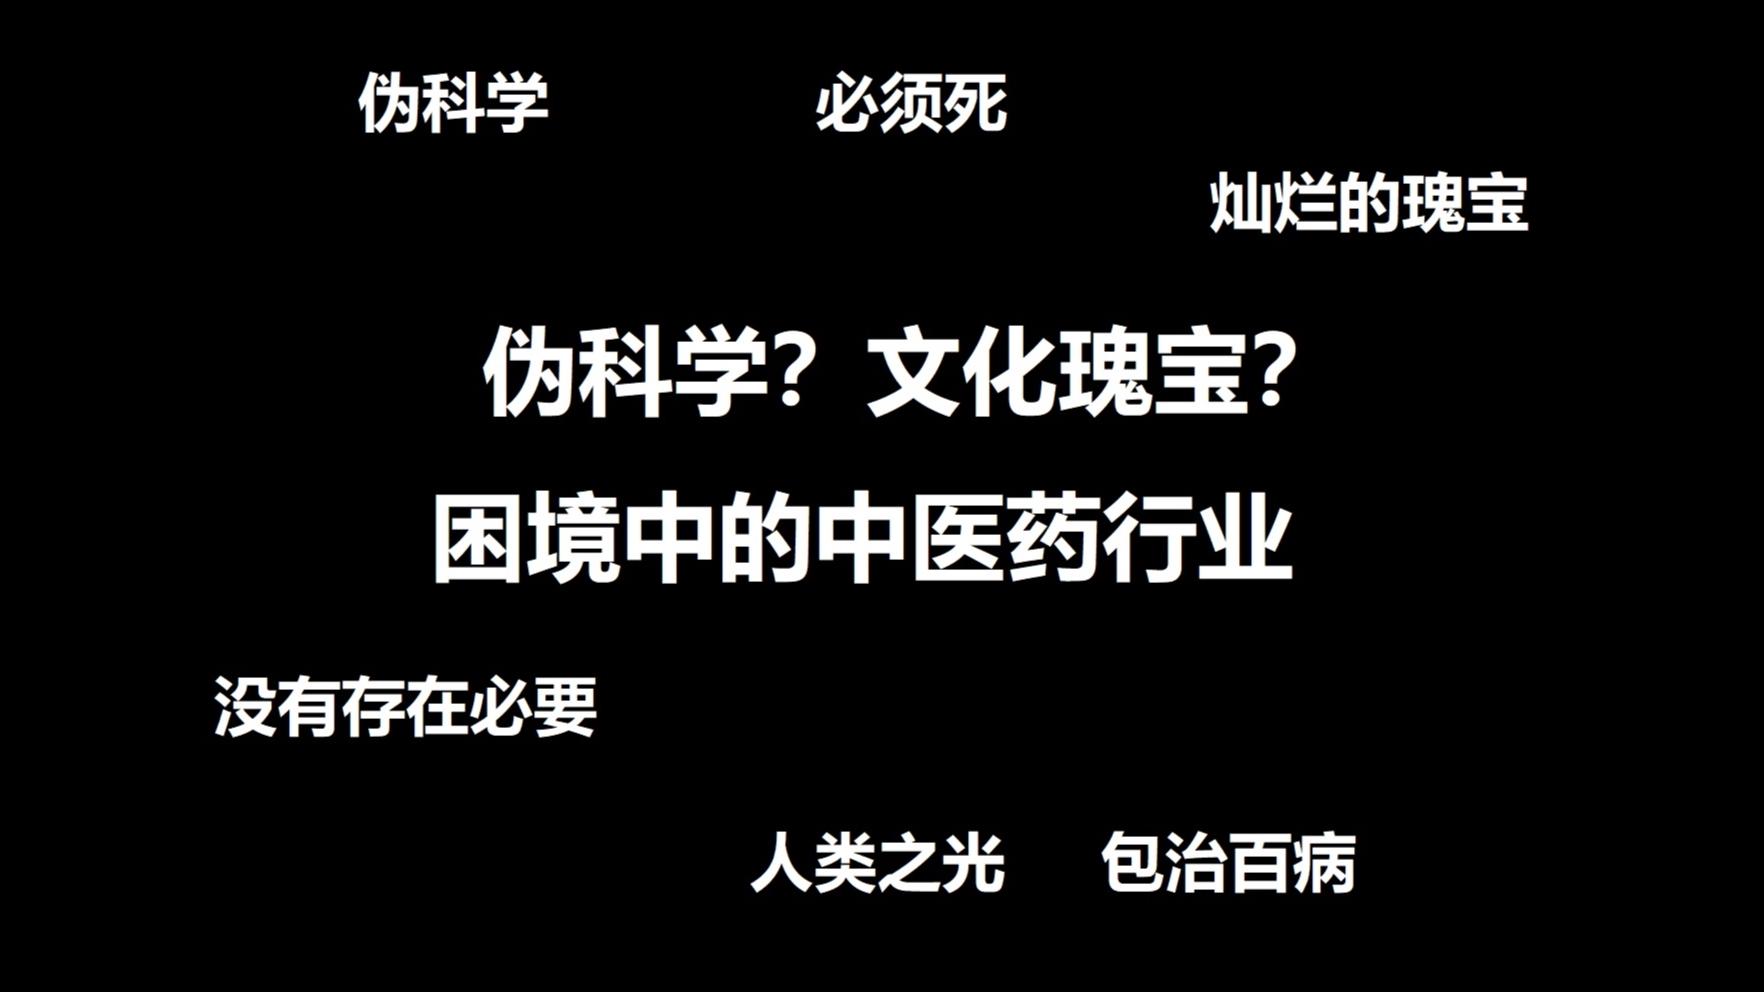 【平远说】伪科学还是文化瑰宝?困境中的中医药行业浅析